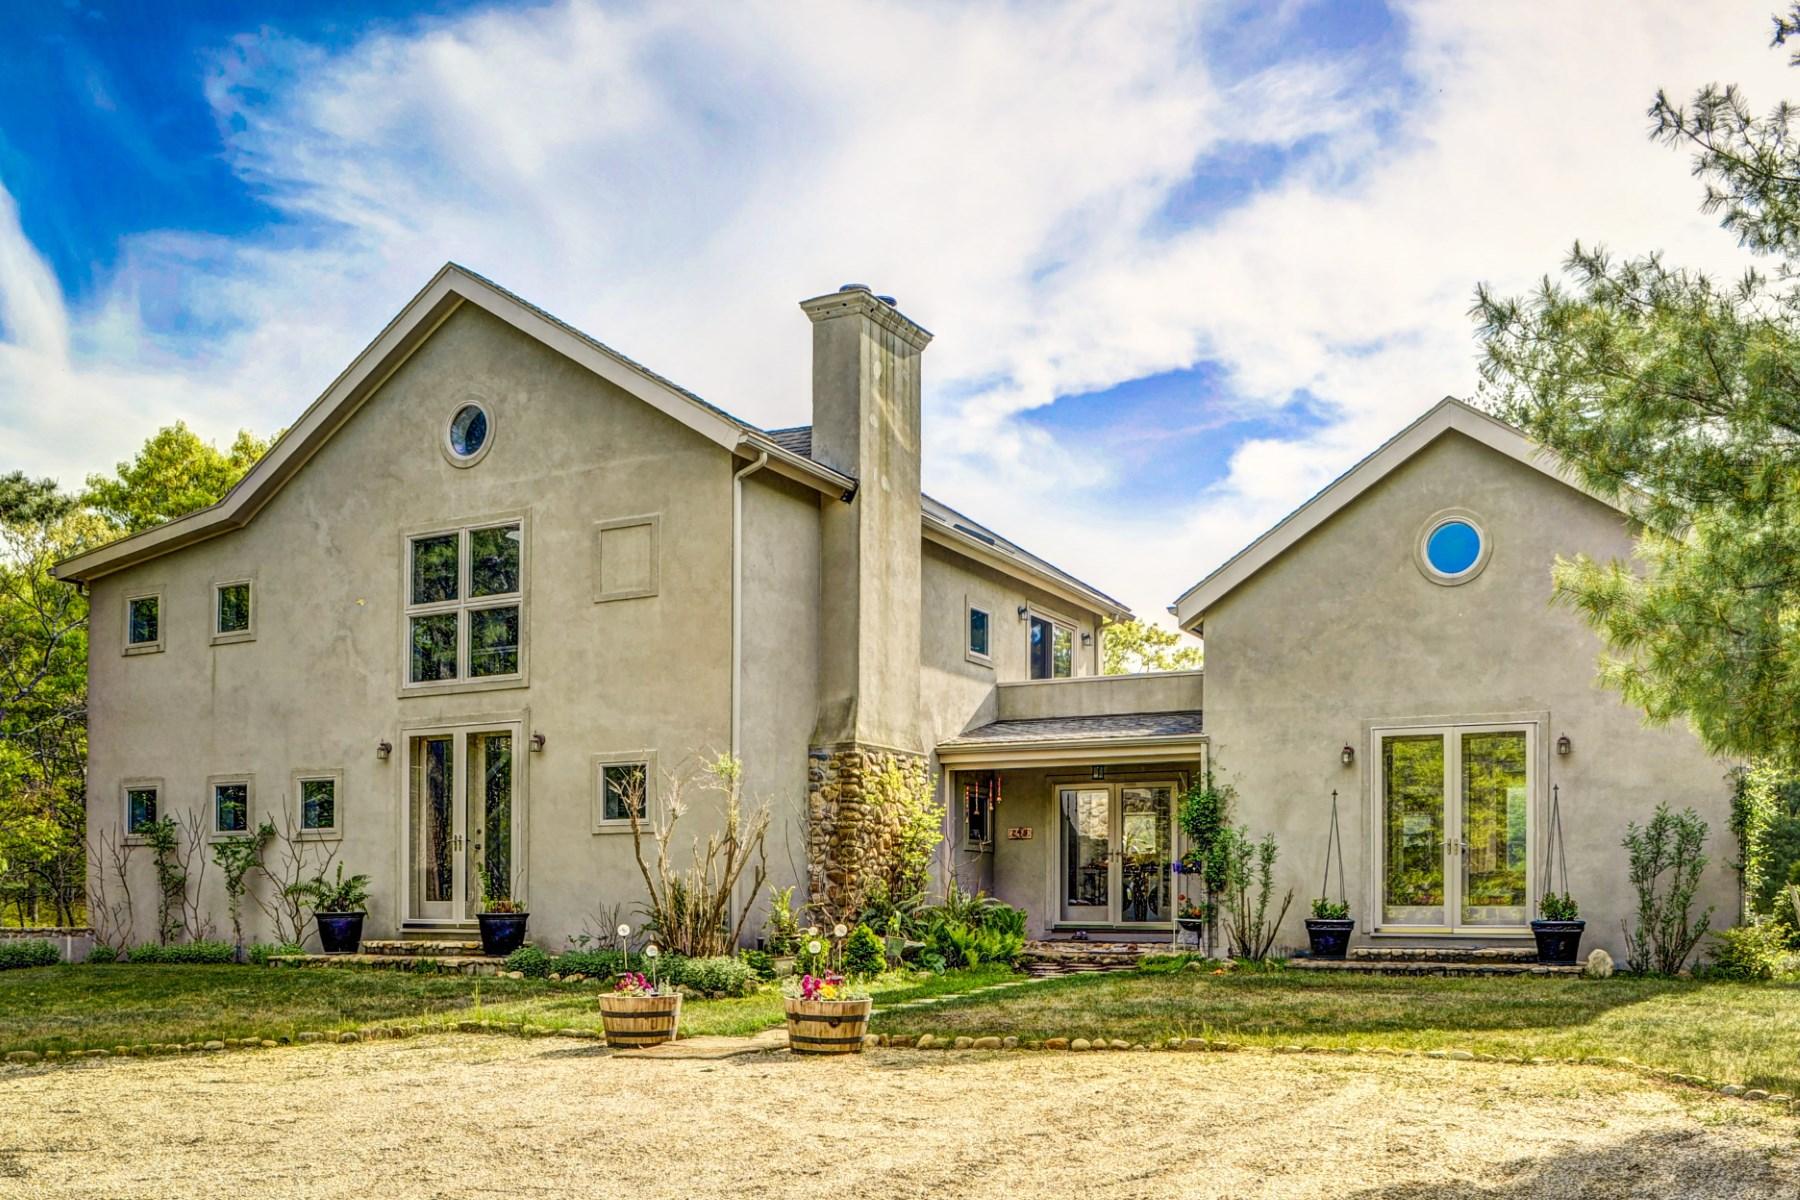 獨棟家庭住宅 為 出售 在 4 Acres, Close Proximity to Beach East Hampton, 紐約州 11937 美國